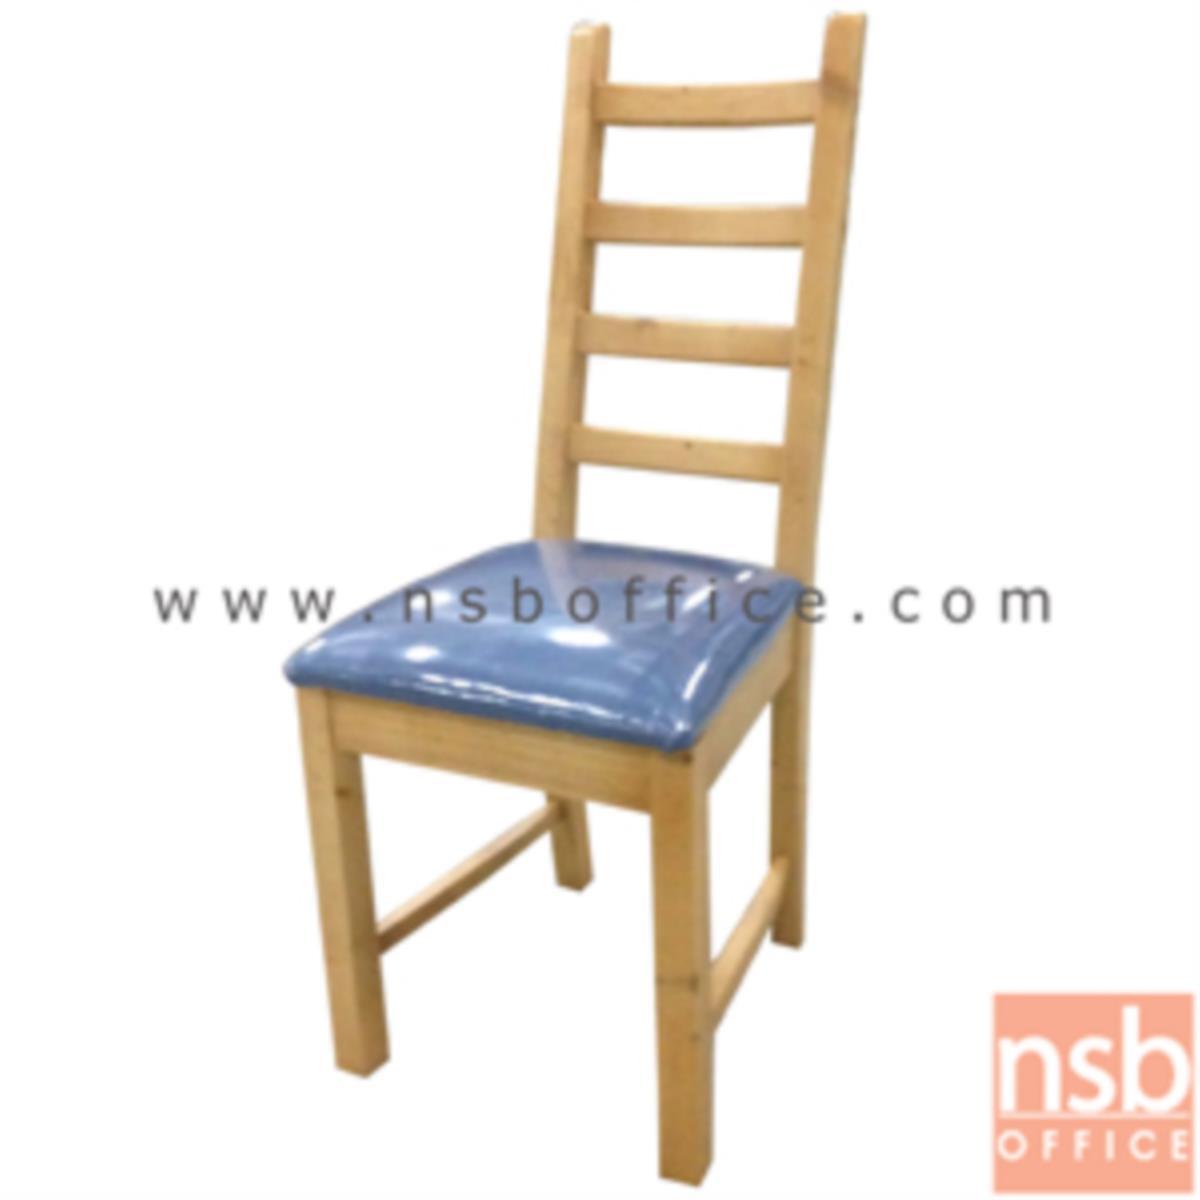 G14A057:เก้าอี้ไม้ยางพาราหรือเก้าอี้ไม้นิวซีแลนด์ที่นั่งหุ้มหนังเทียม รุ่น Klara (คลาร่า) ขาไม้